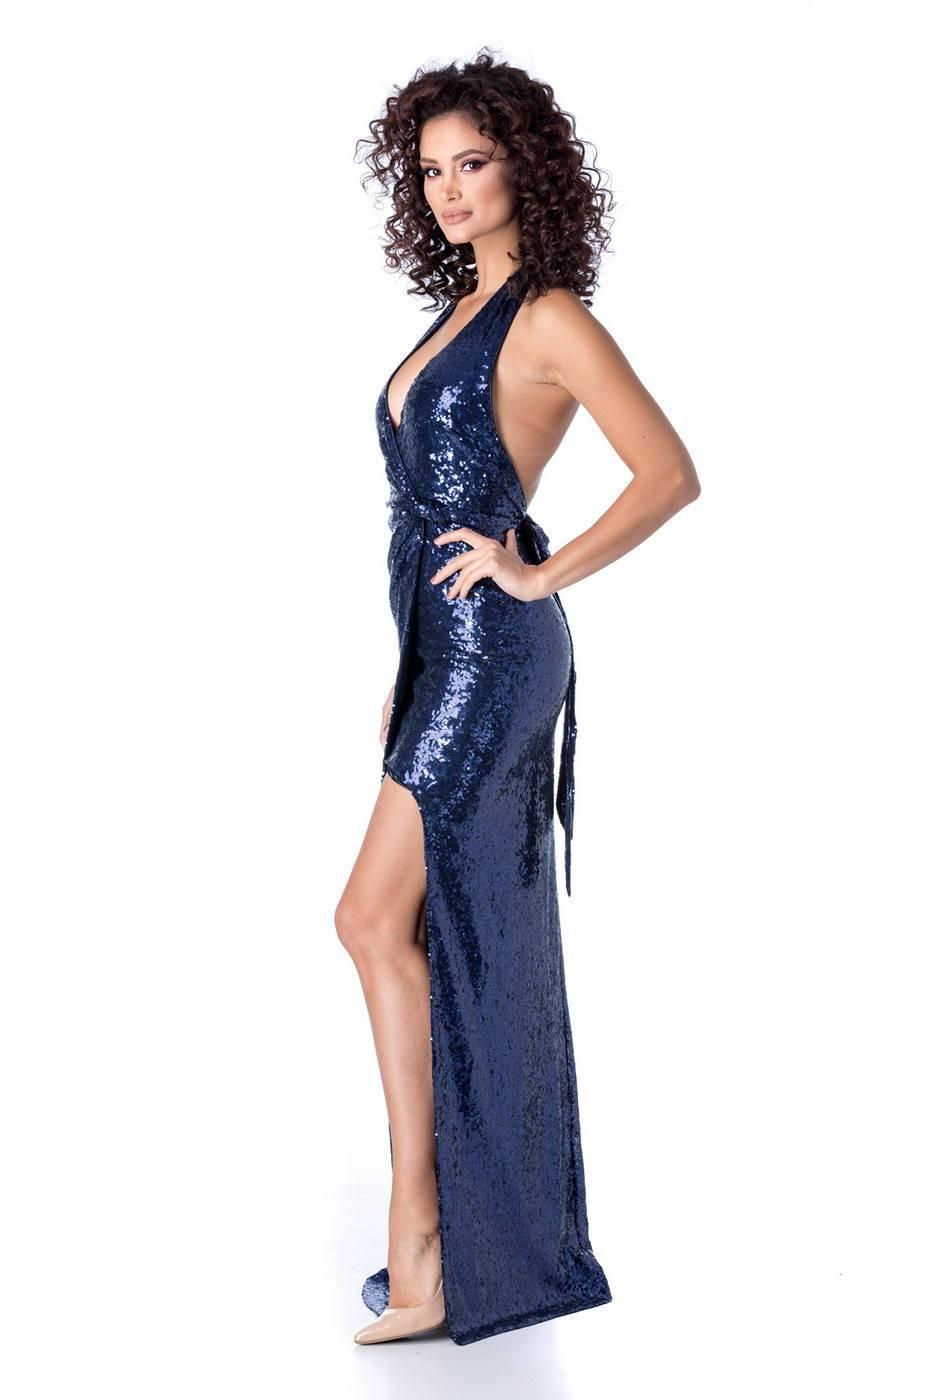 Laguna Navy Μπλε Φόρεμα 1216